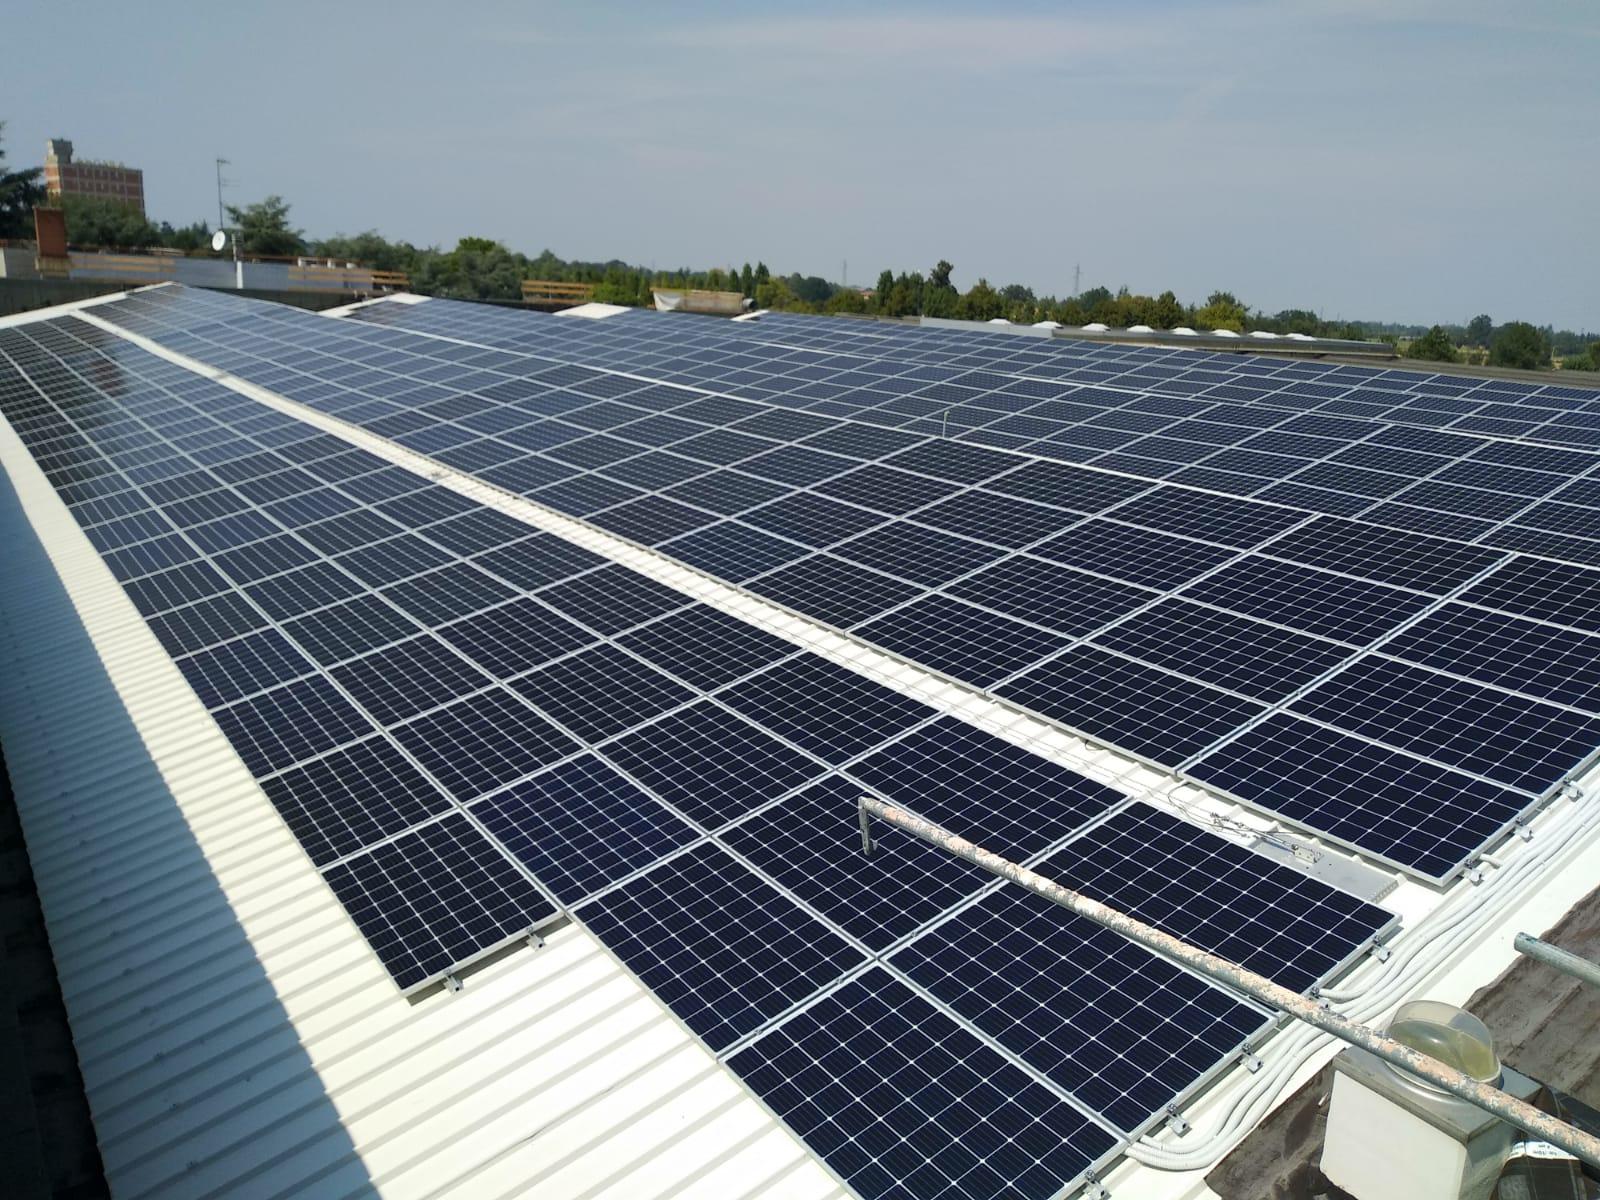 Vendere Energia Elettrica Da Fotovoltaico seu system – energred